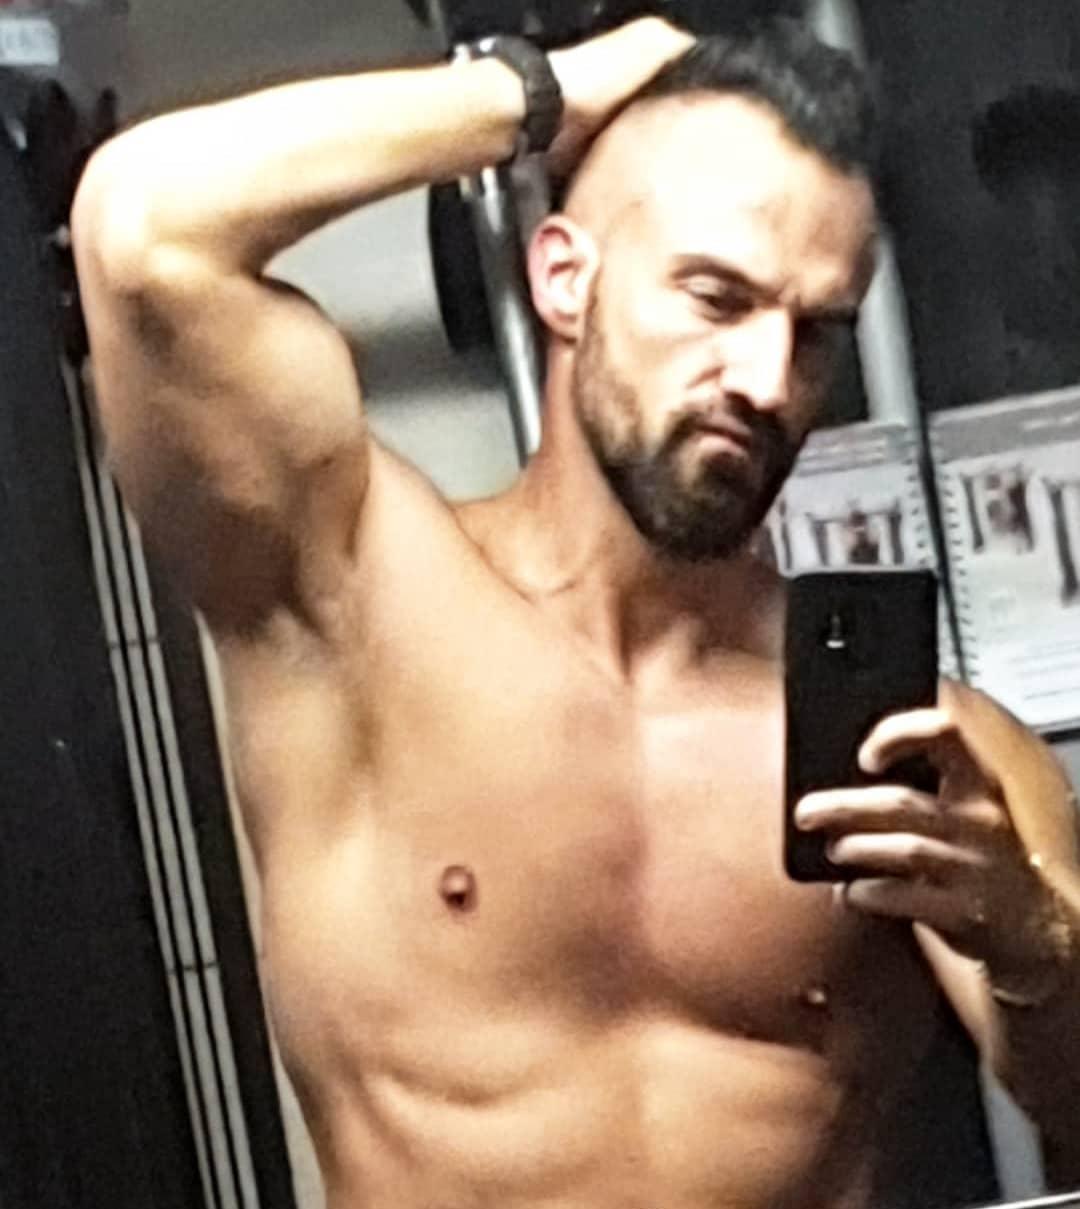 """Top1 Bosspruch aller Zeiten: """"Also wenn ich mich heute so im Spiegel sehe, würde ich mir am liebsten selbst einen bl*sen… aber mein Mund ist leider zu klein!"""" . #nopainnogain #motivaton #gymmotivation #quote #gym #fitness #fitguy #pump #pumped #abs #muscles #mcfit #berlin #instafit #instagood #fitfam #fitfamgermany #fitnessmotivation #gymtime #personaltrainer #getstrong #fitlife #diet #noexcuses #goals #gohardorgohome #bangboss #bosscock"""